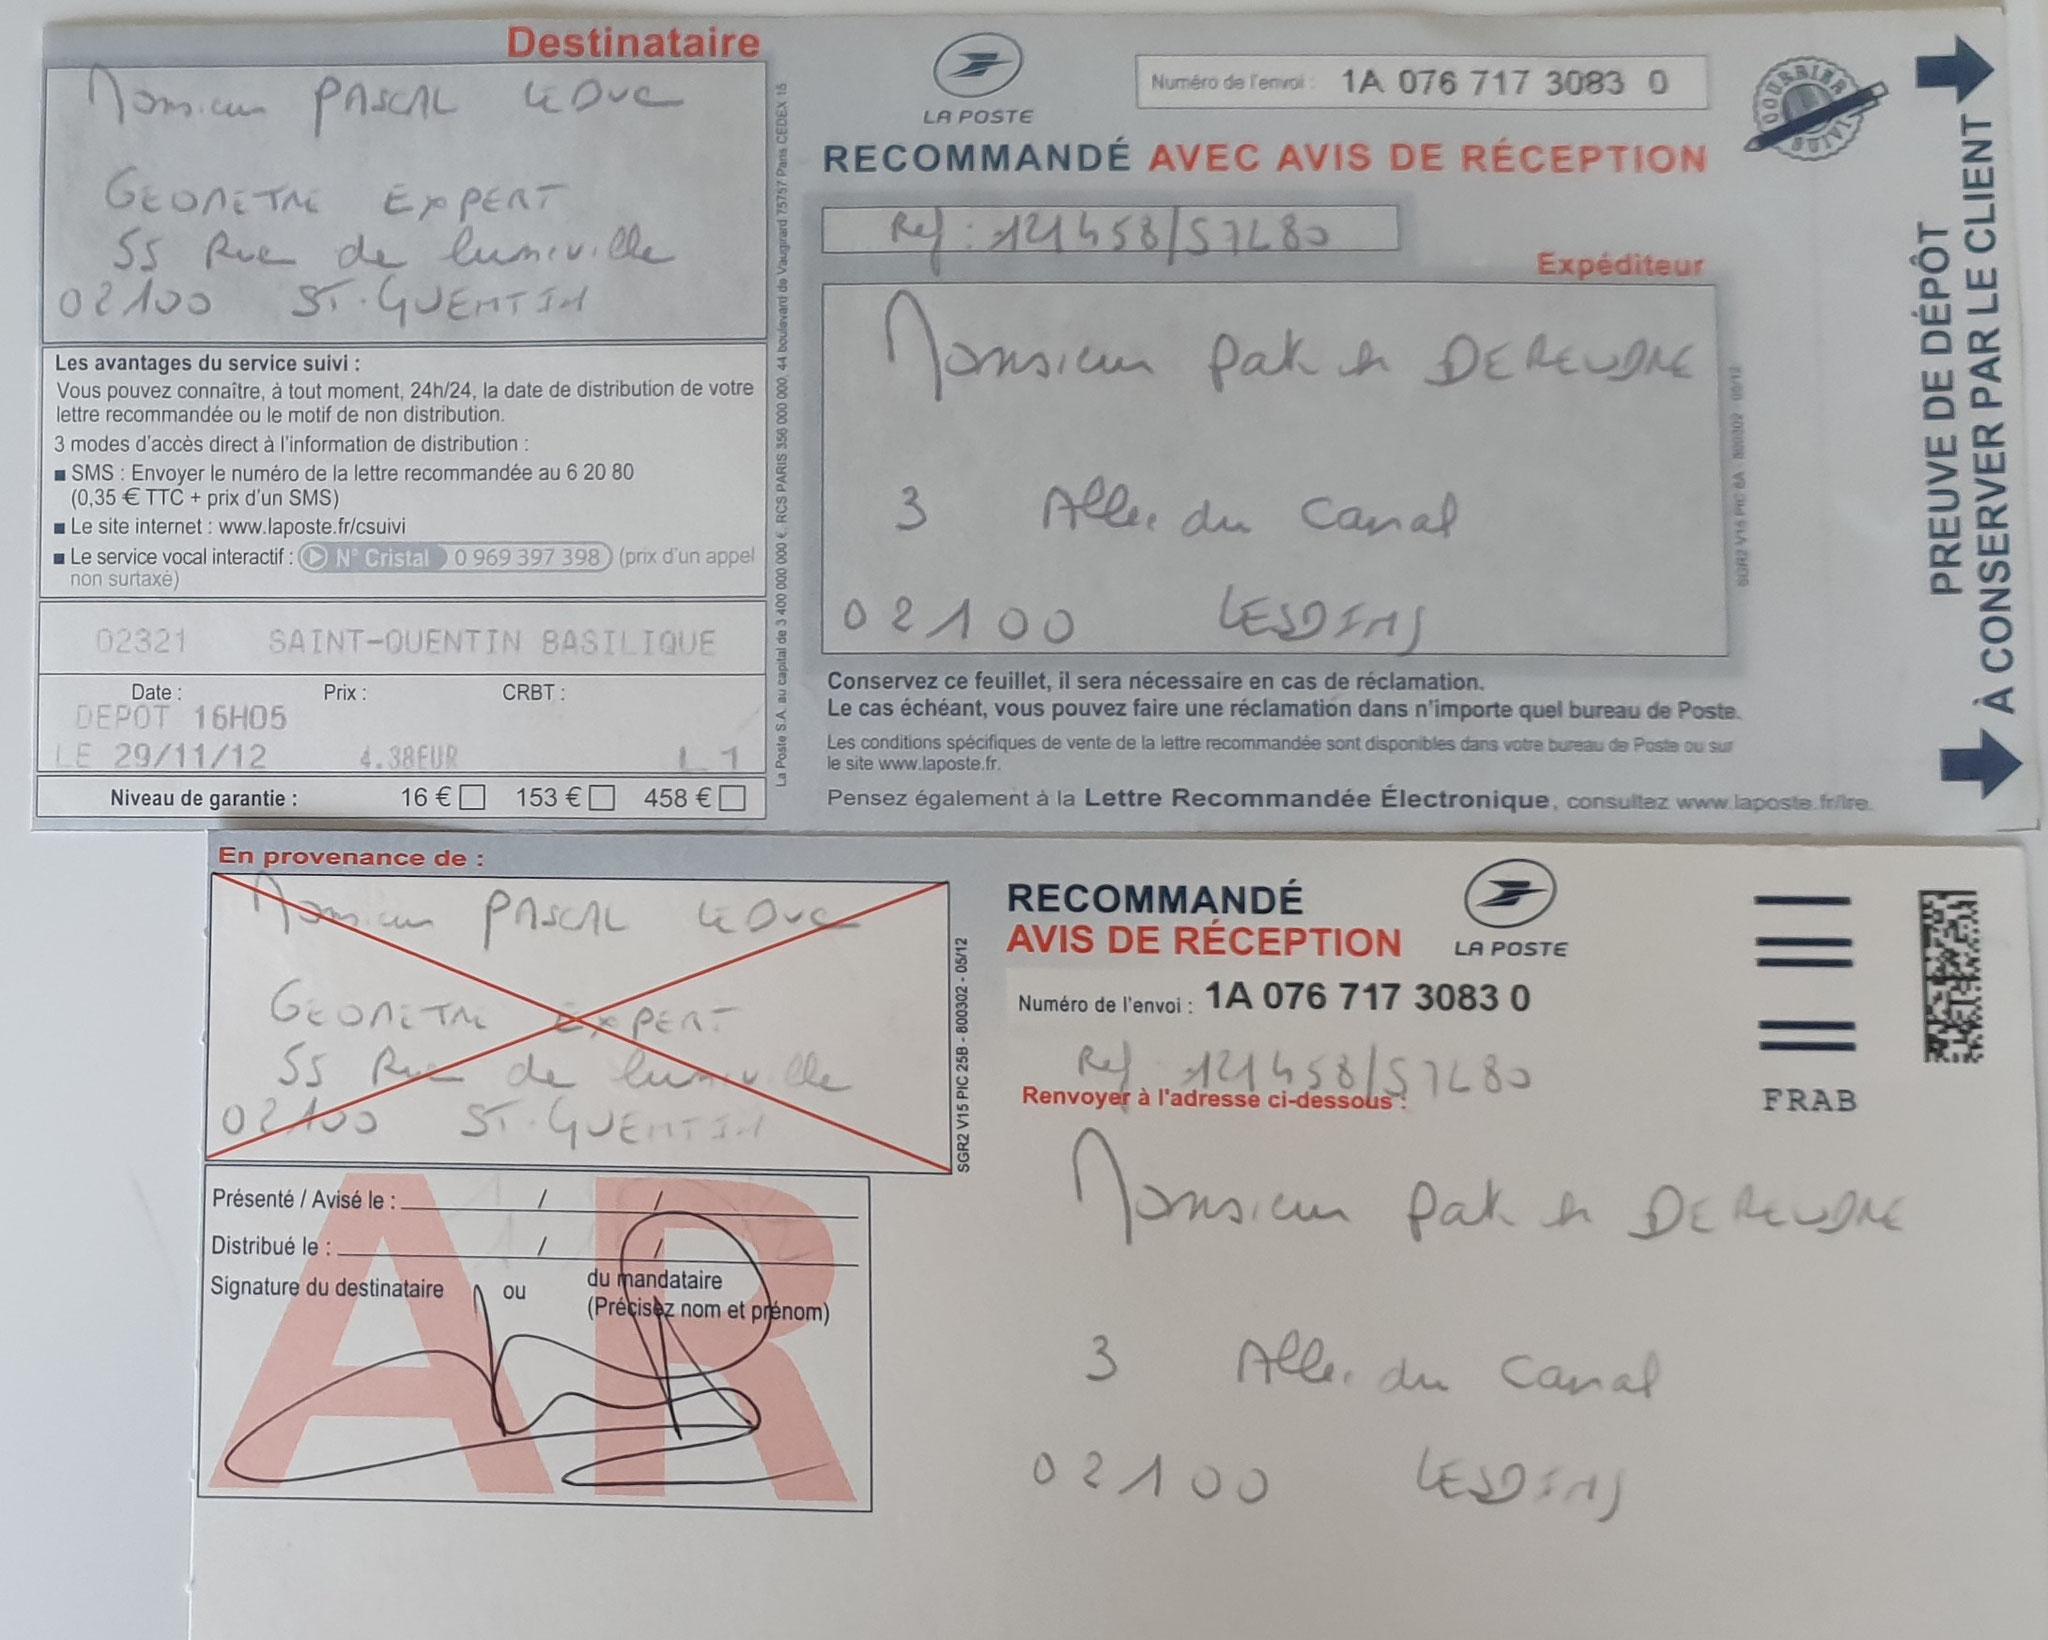 Le 29 Novembre 2012 j'adresse une lettre recommandé à Monsieur l'Expert Géomètre Thierry LEDUC. BORDERLINE  C'est INACCEPTABLE wwwjesuisvictime.fr www.jesuispatrick.fr